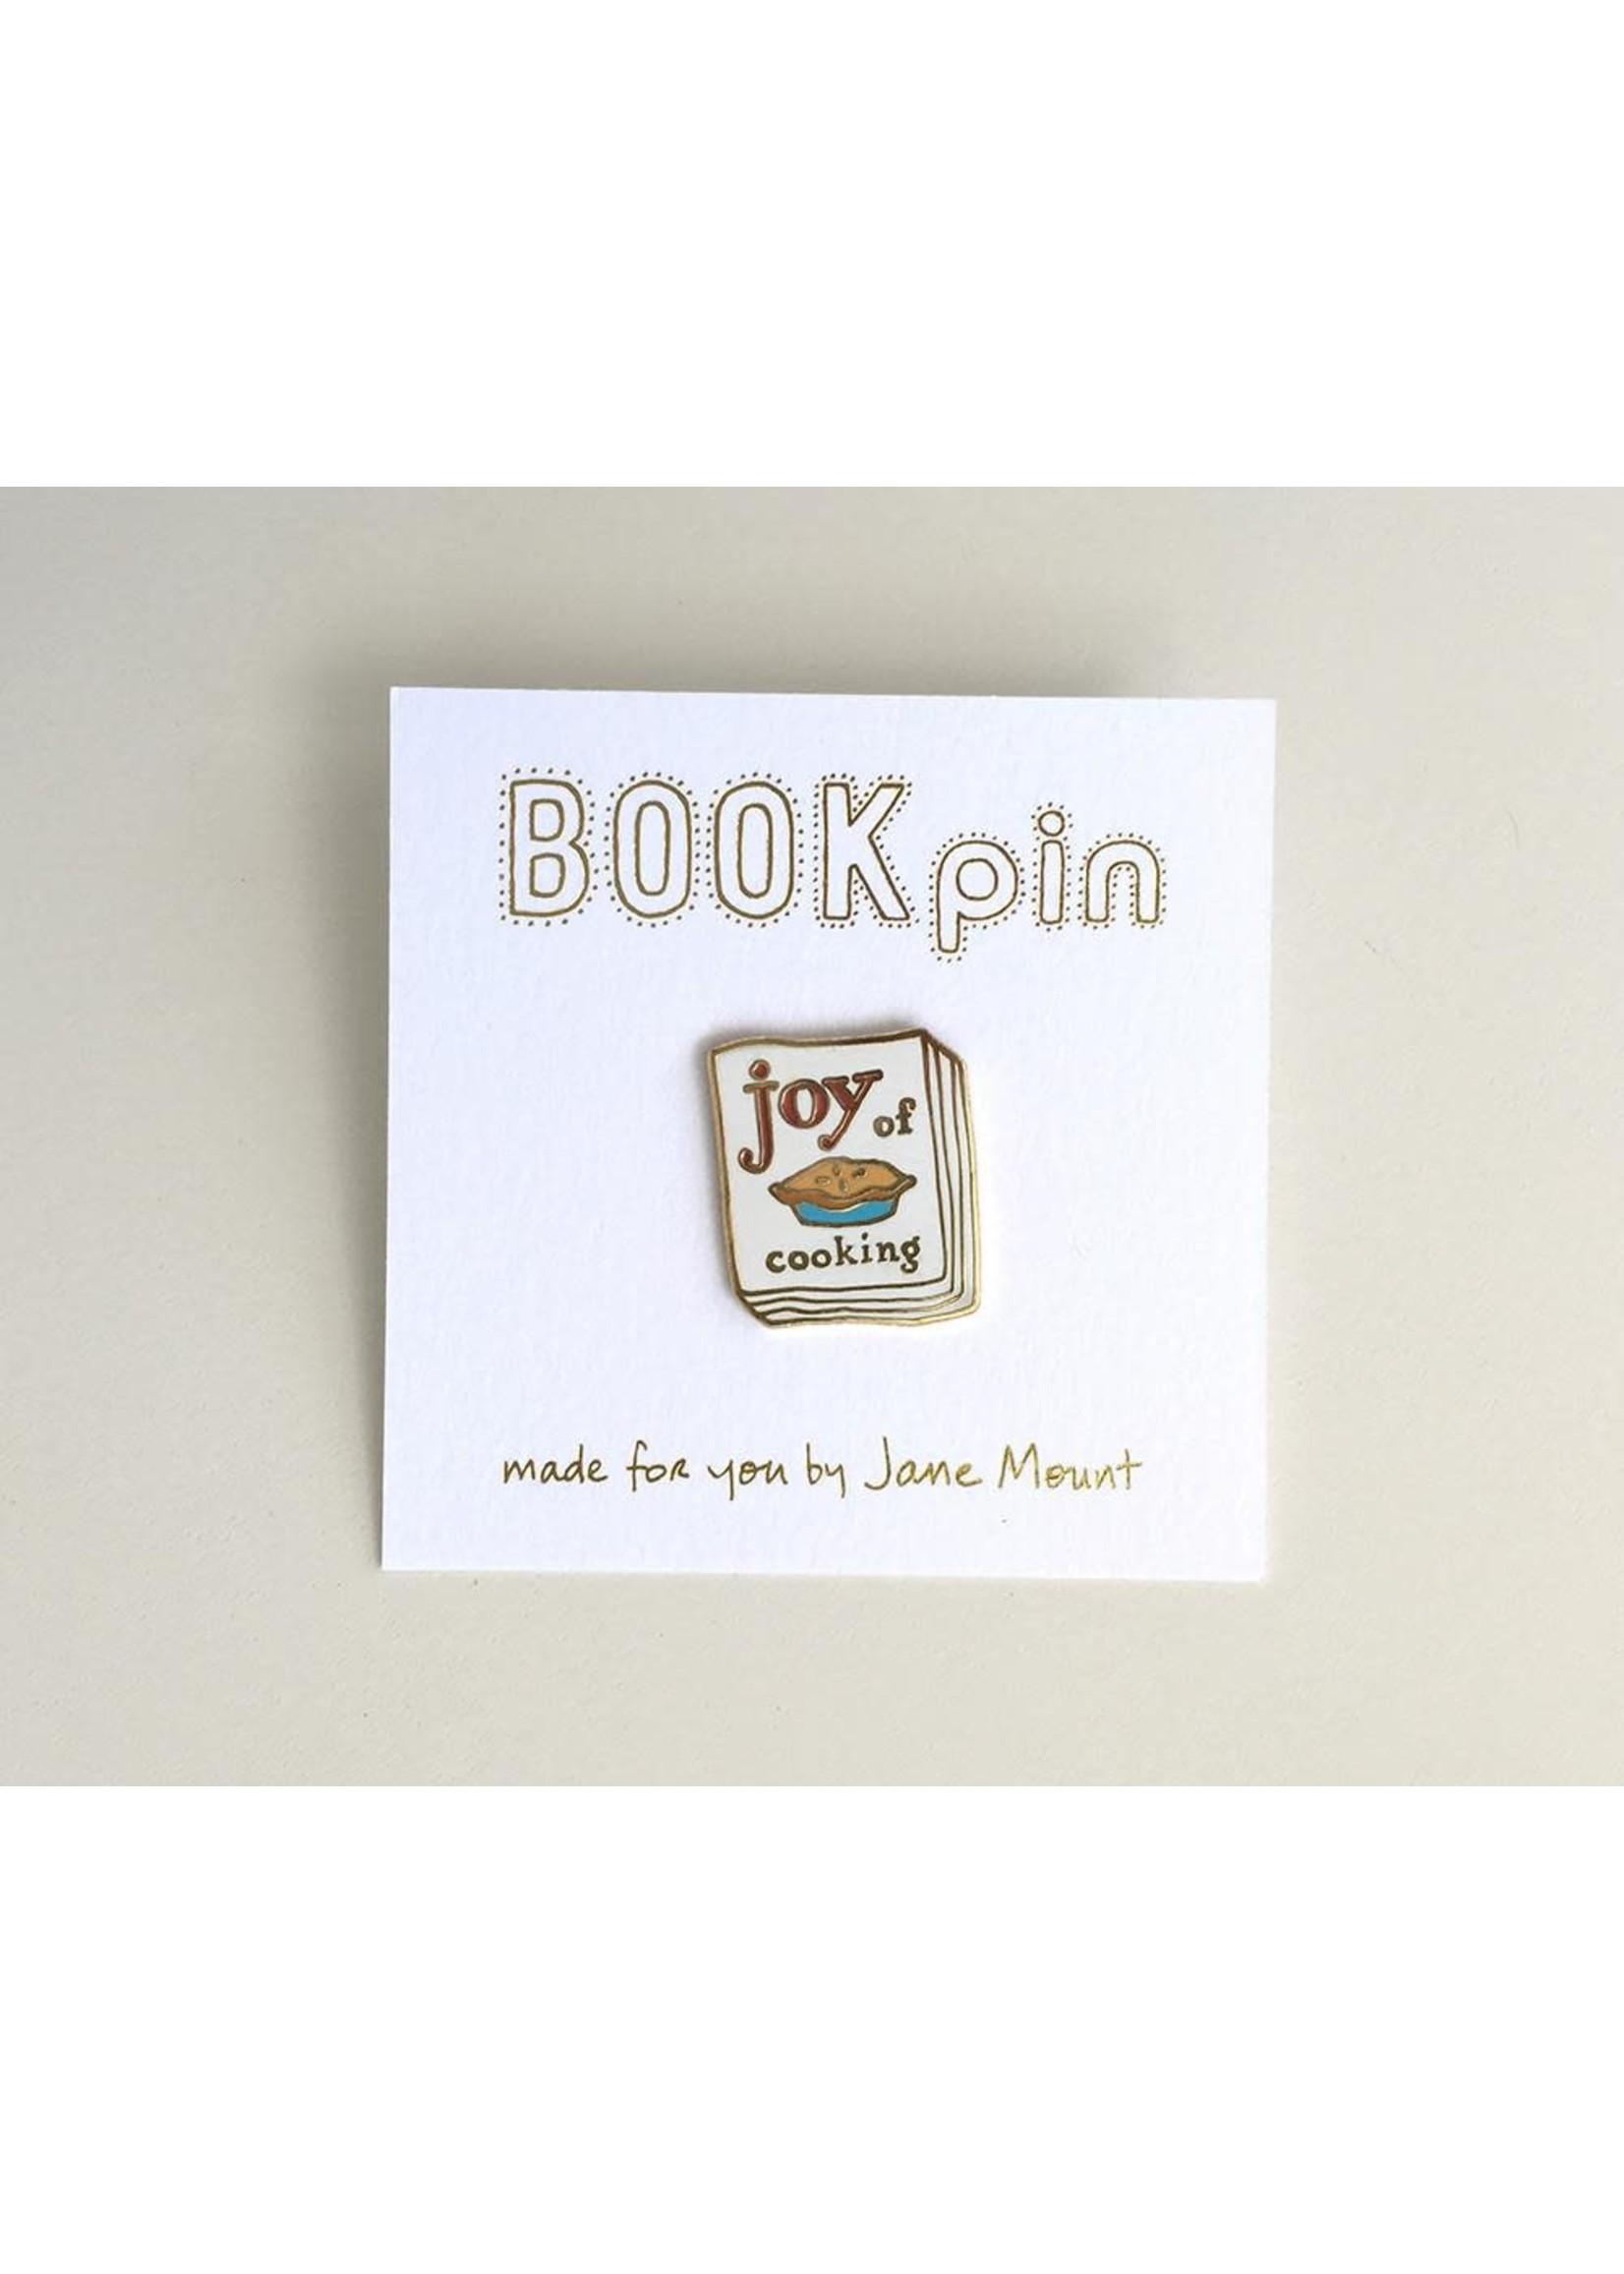 Ideal Bookshelf Joy of Cooking Book Pin